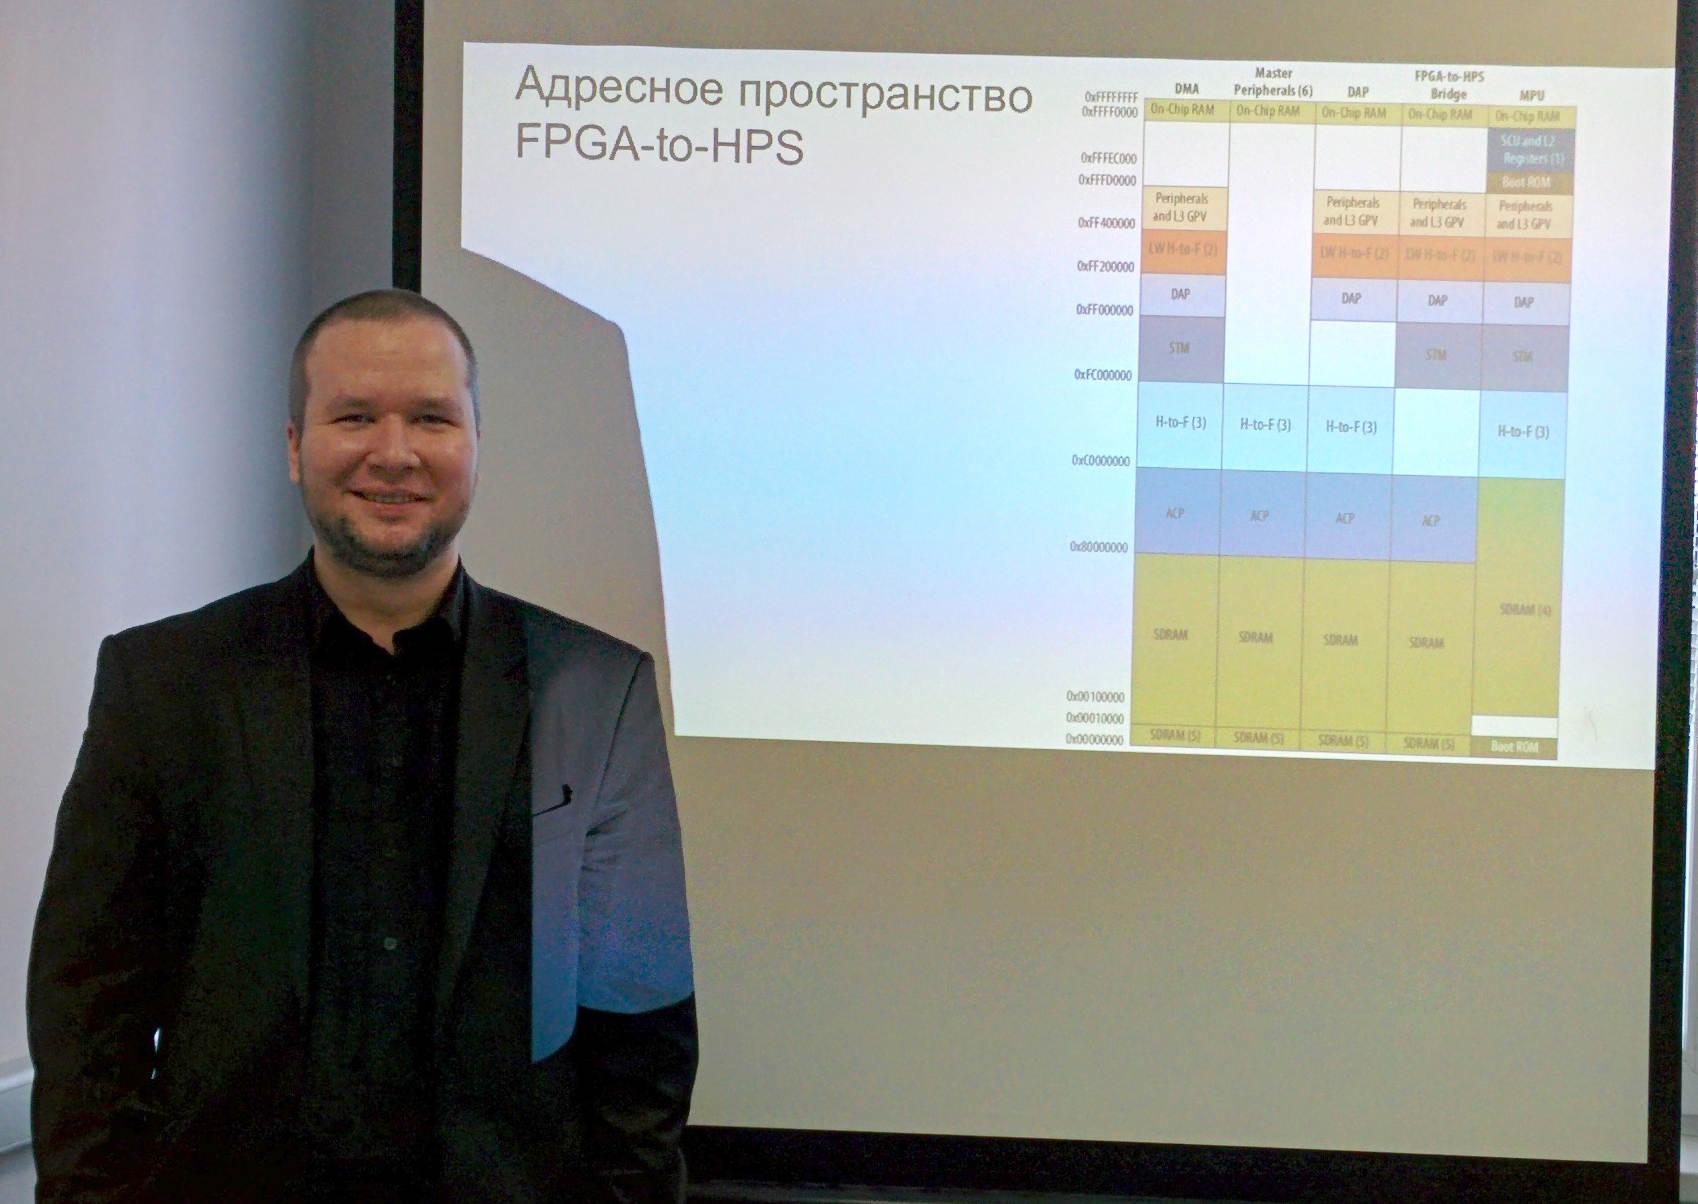 Денис Габидуллин рассказывает про адресное пространство